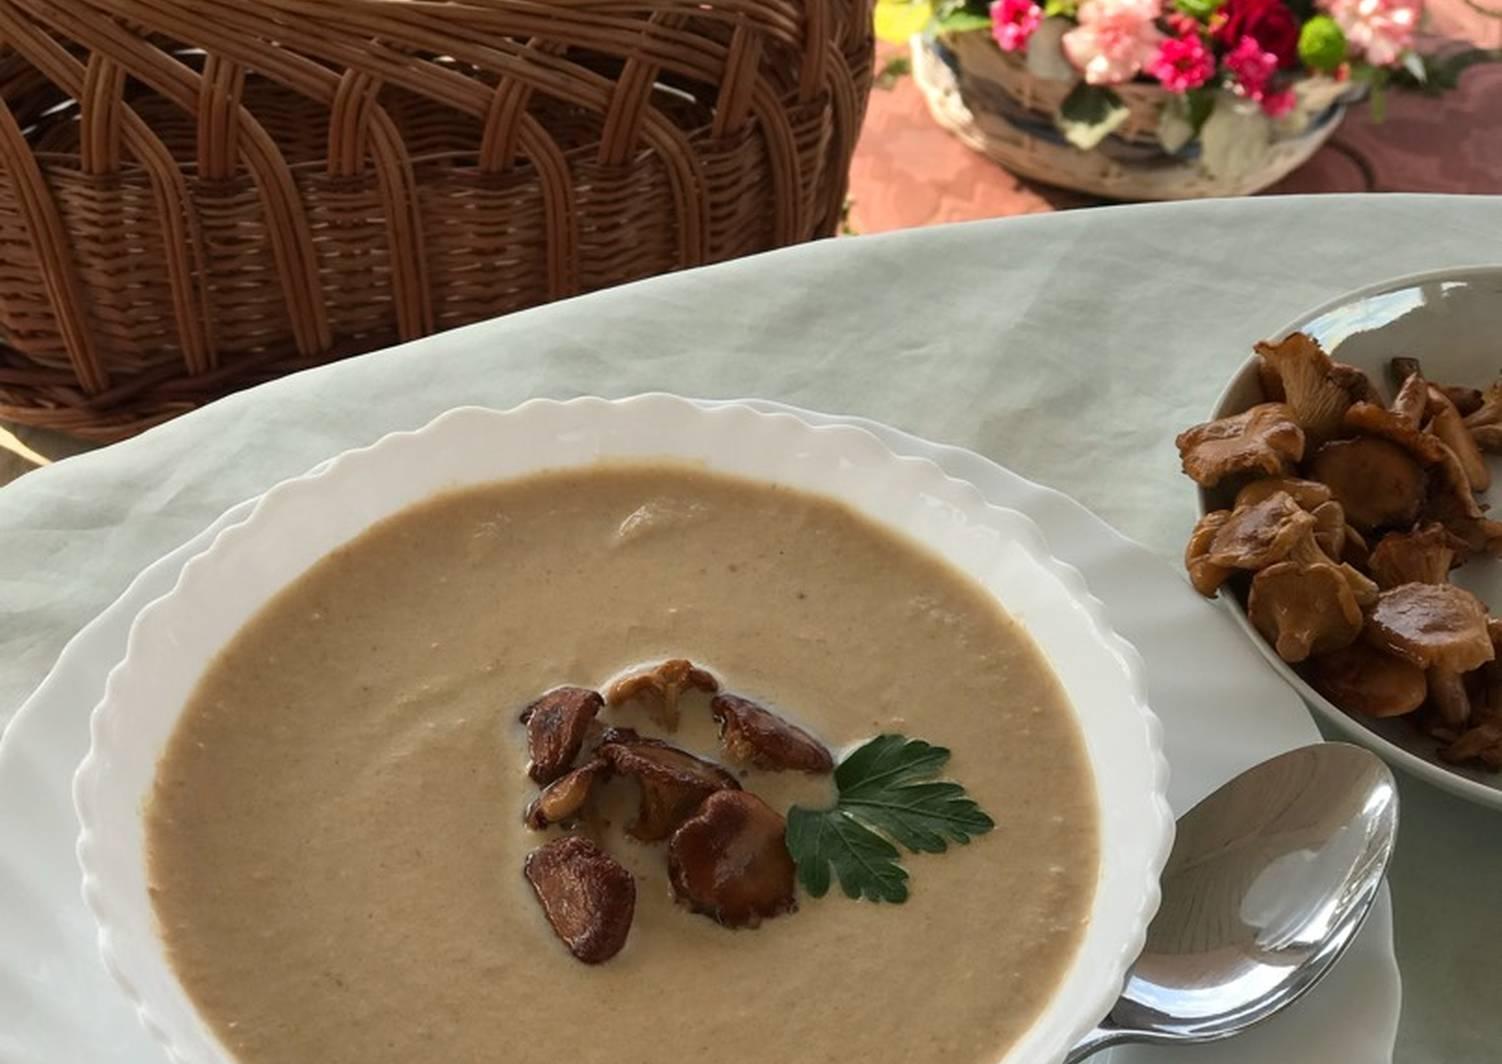 крем суп из лисичек рецепт с фото фриске говорит